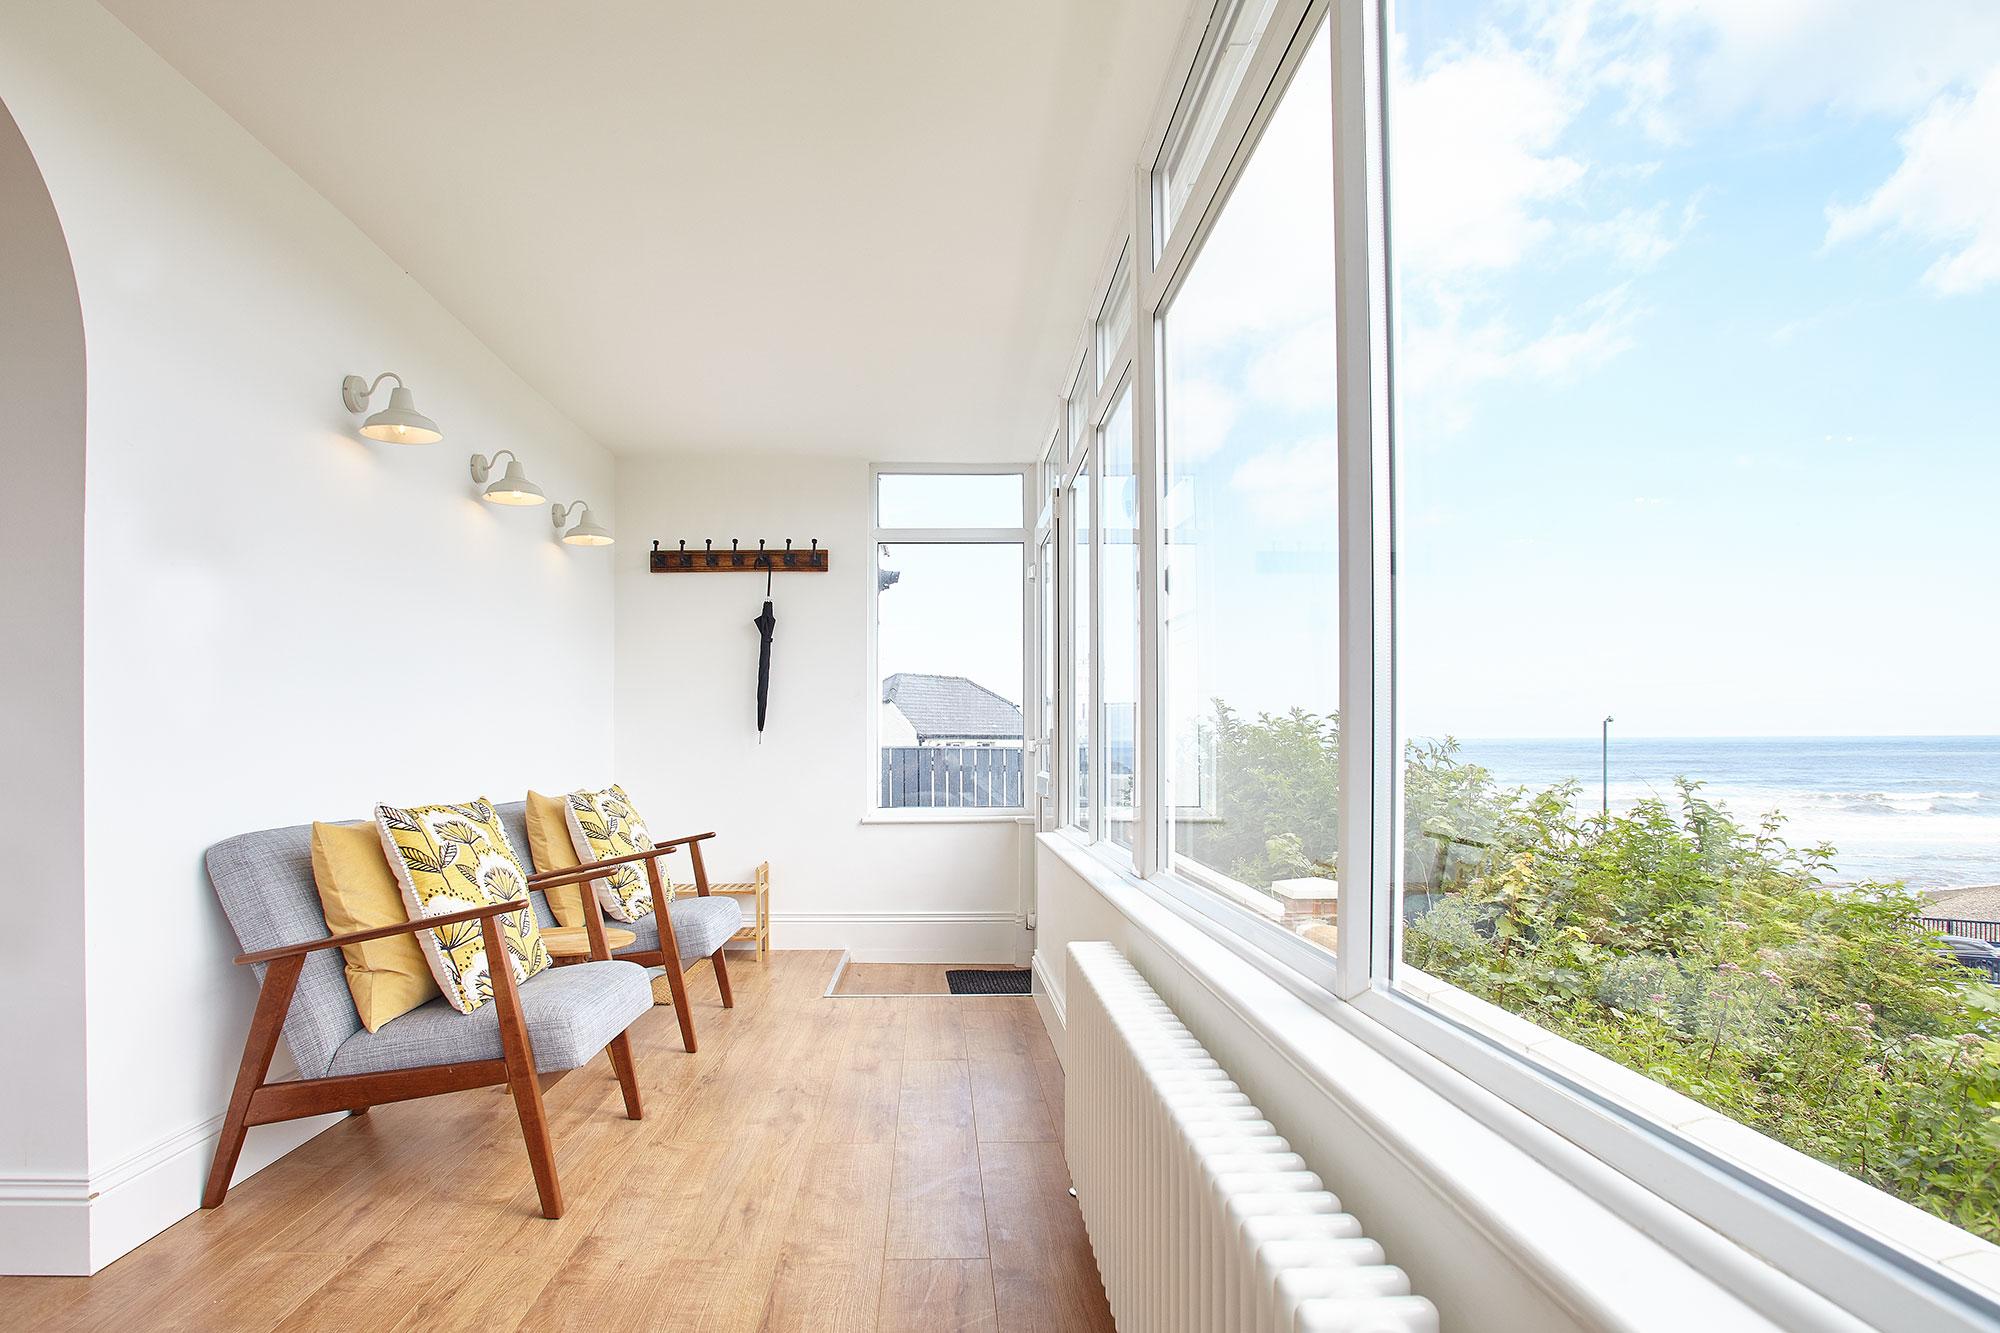 Sun Room overlooking Saltburn Beach